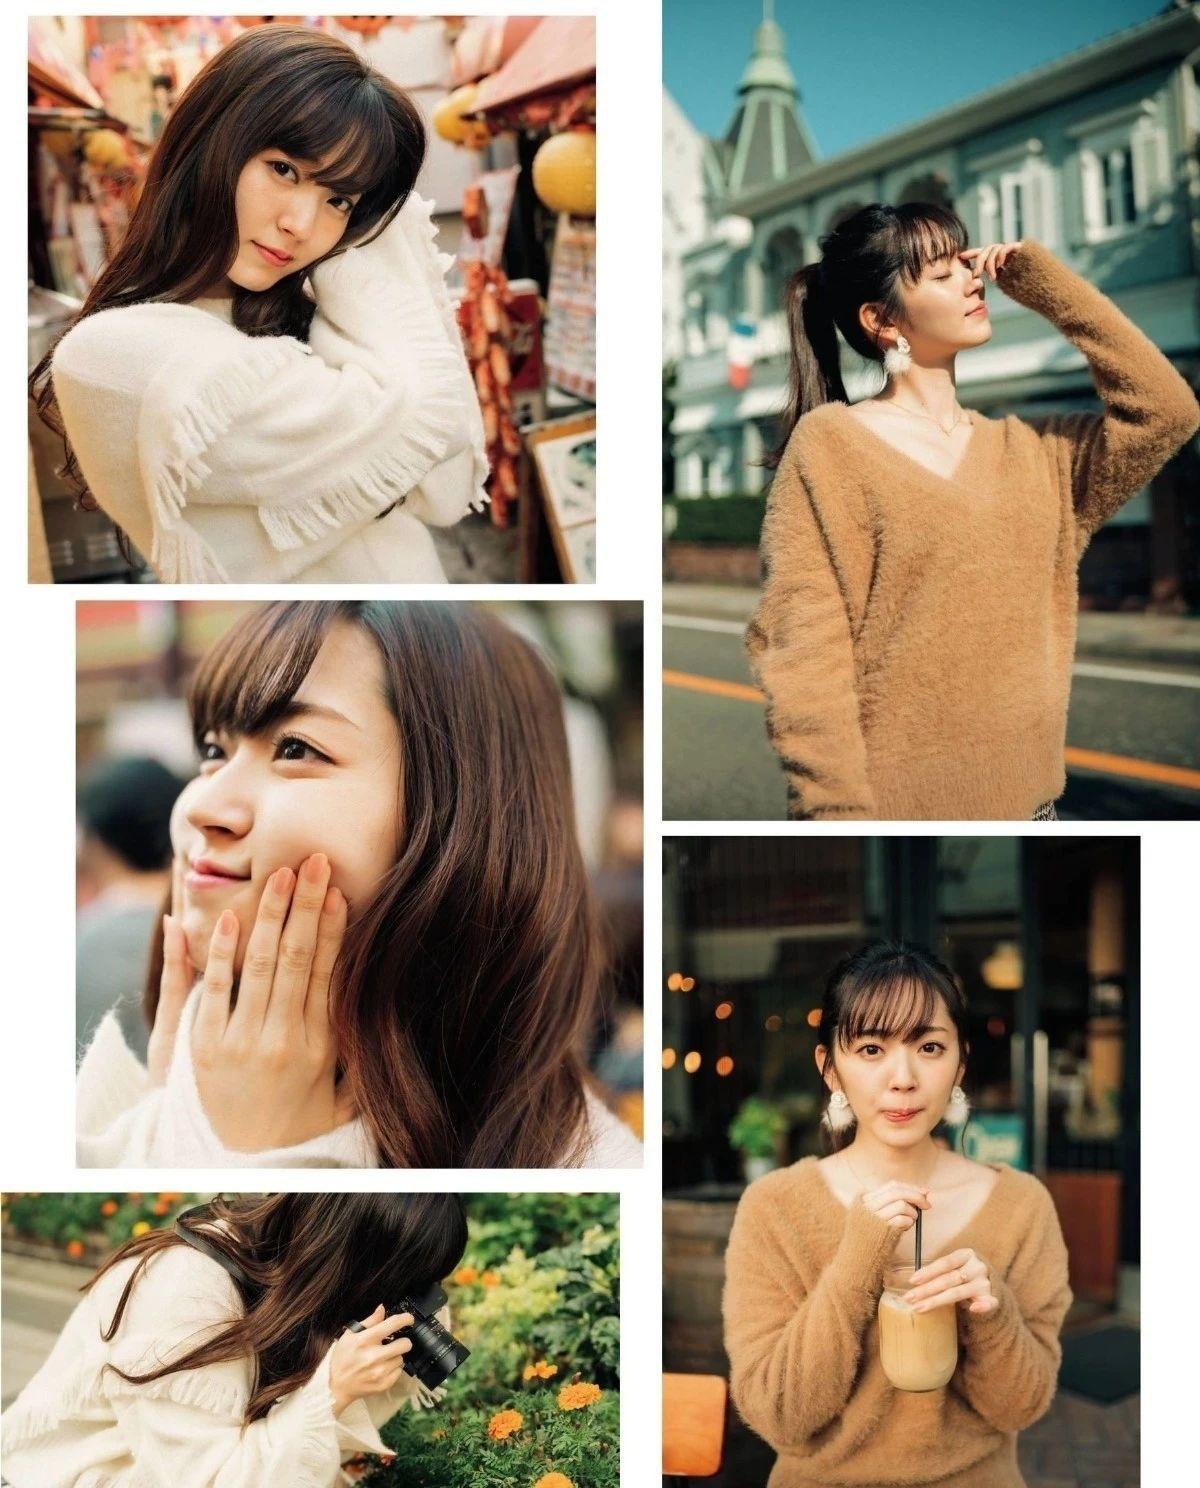 仅仅靠肤白貌美以及完全无法形容的铃木爱理写真作品 (25)